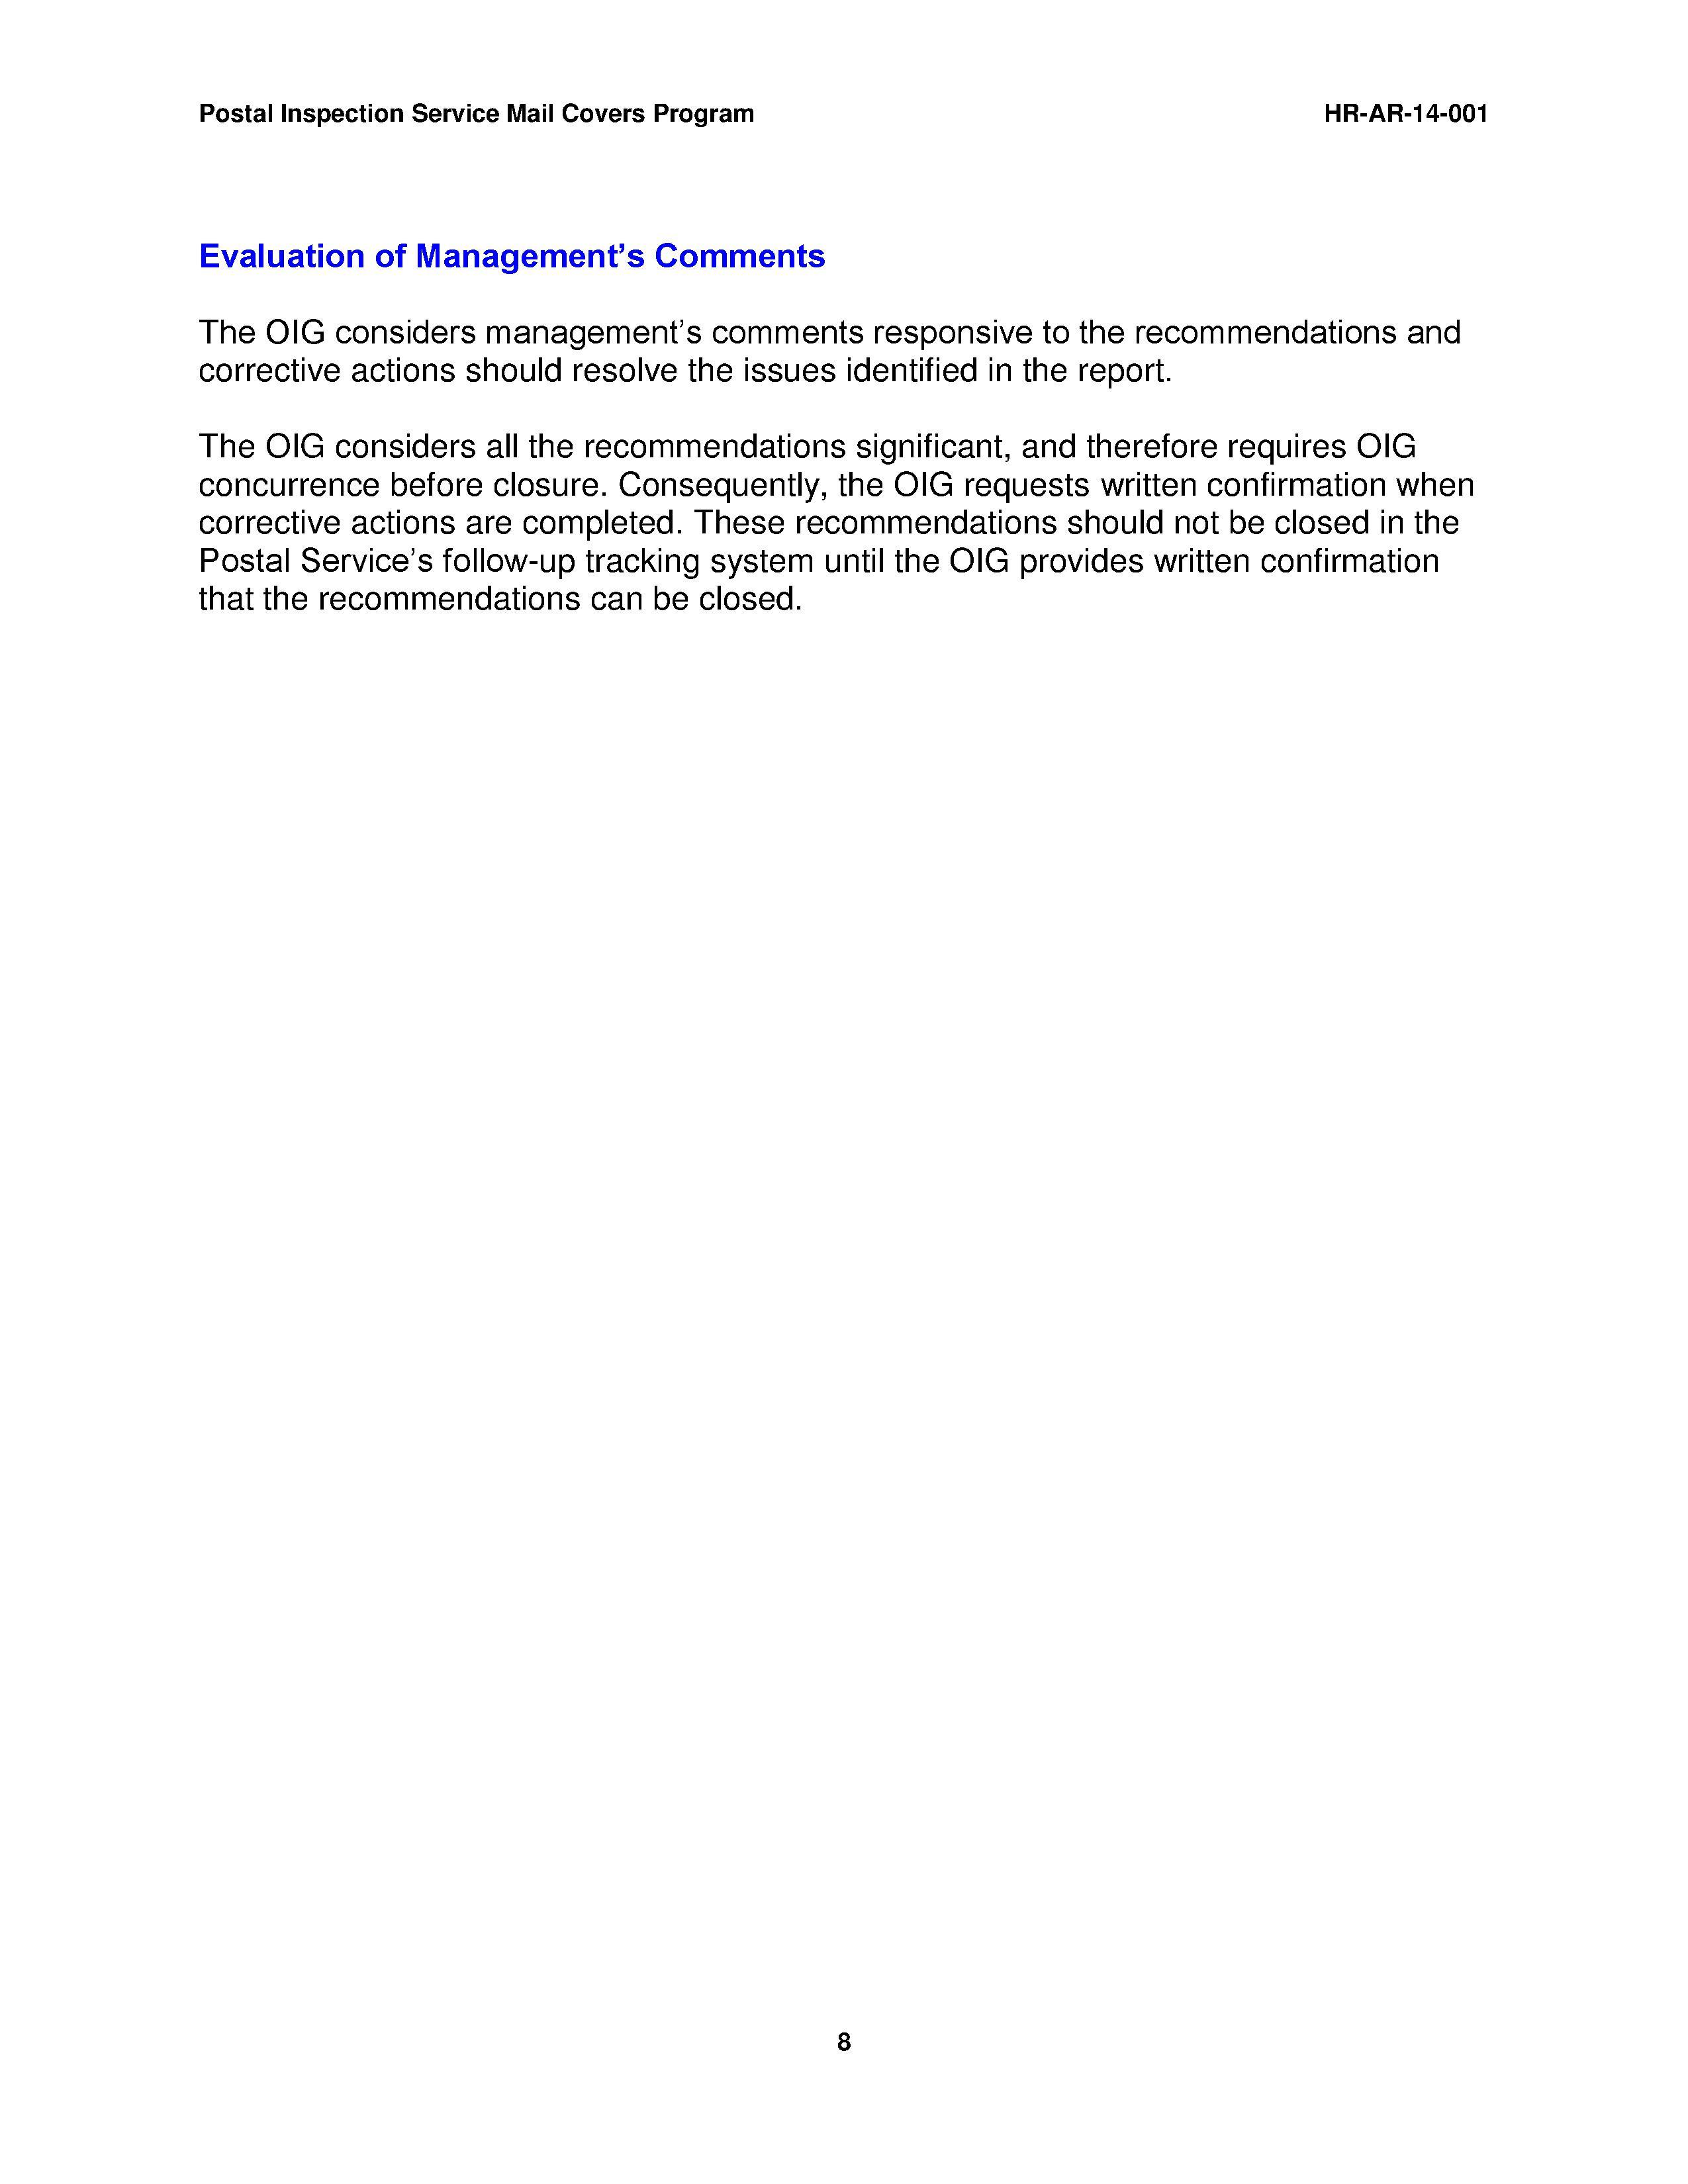 Crisis Intervention Team Information